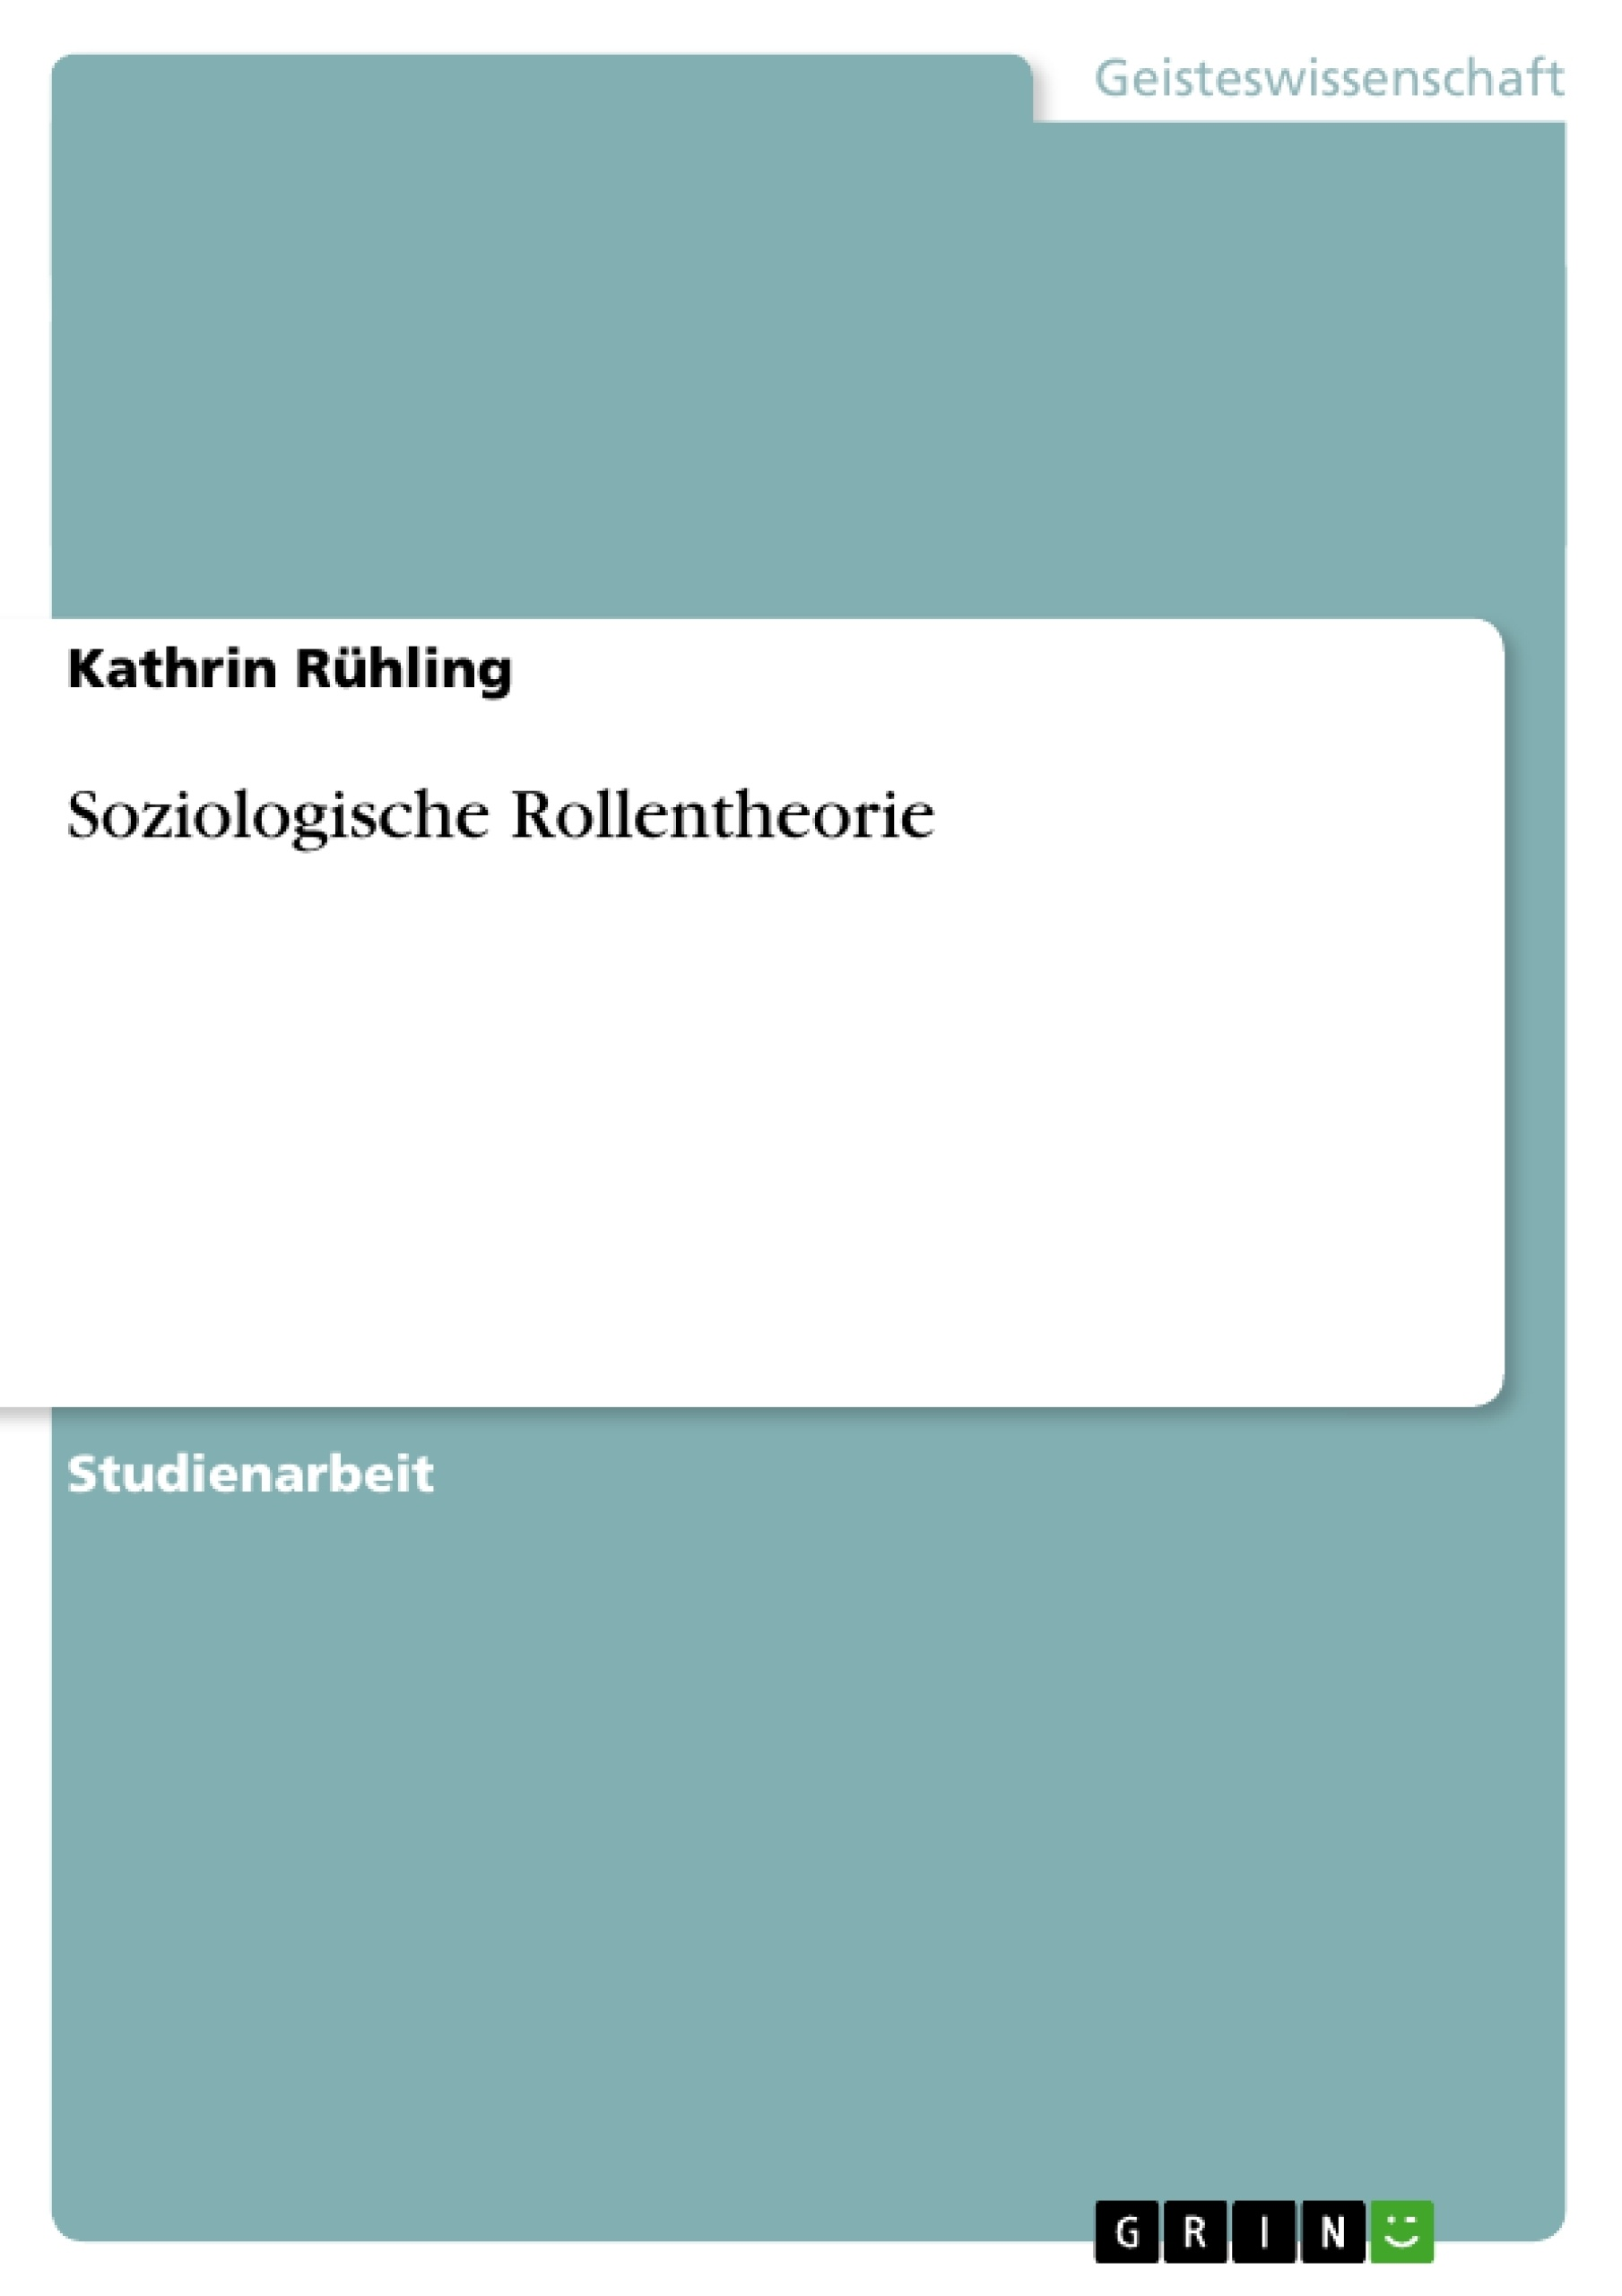 Titel: Soziologische Rollentheorie